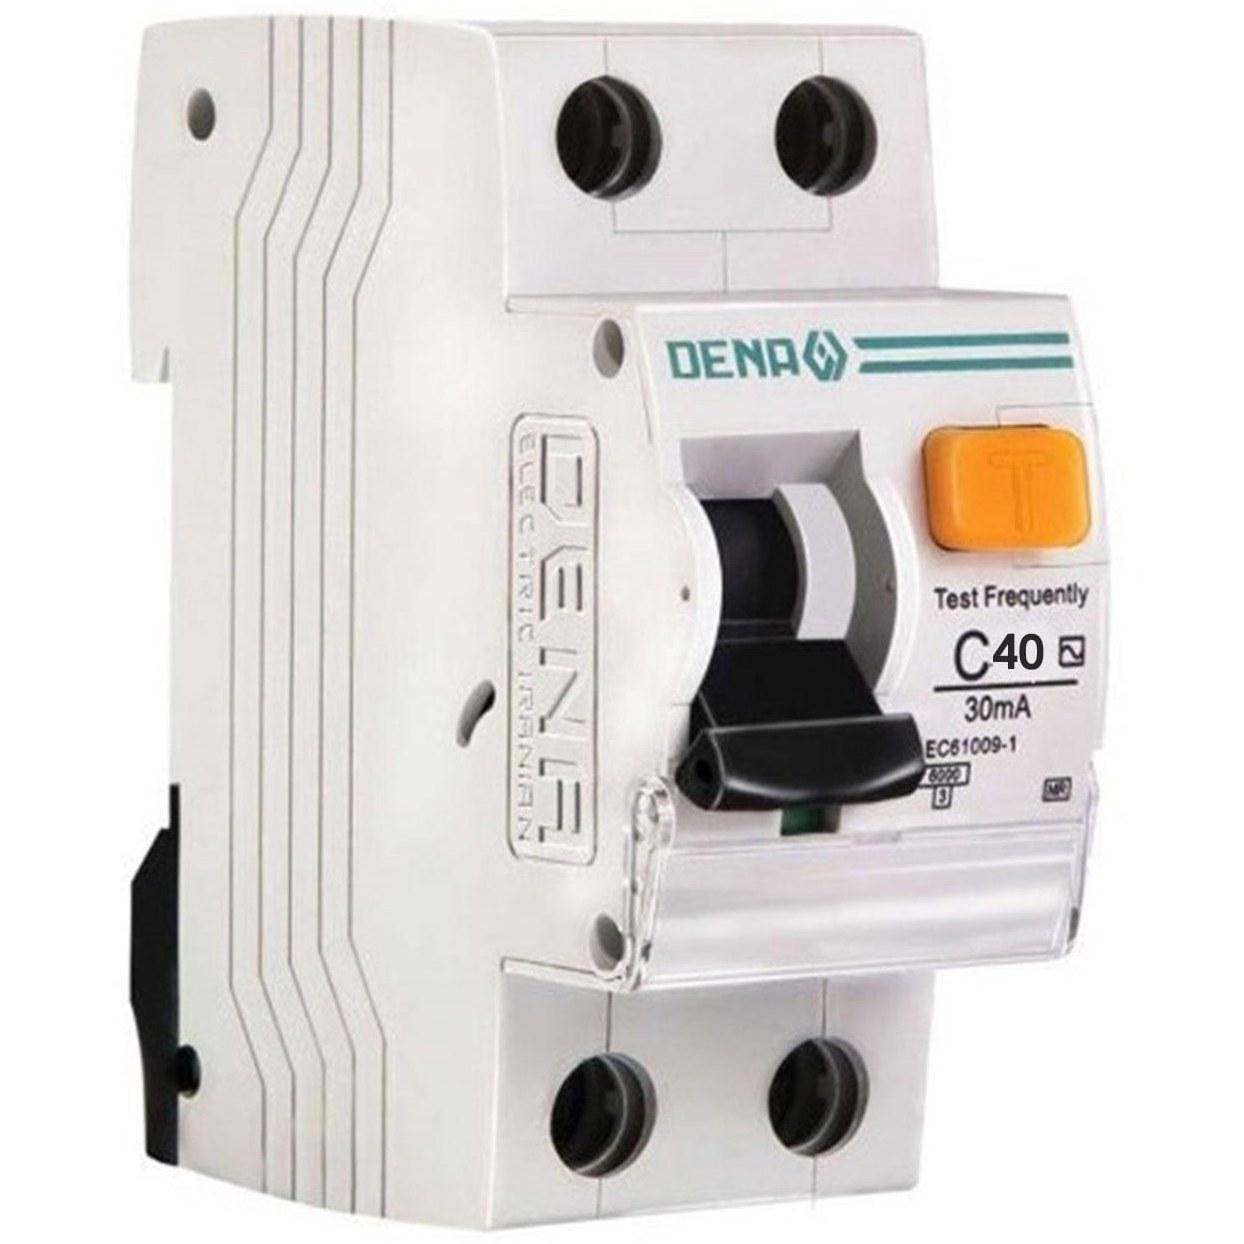 تصویر کلید محافظ جان ترکیبی 40 آمپر مگنتیک دنا الکتریک مدل C40-6K MR